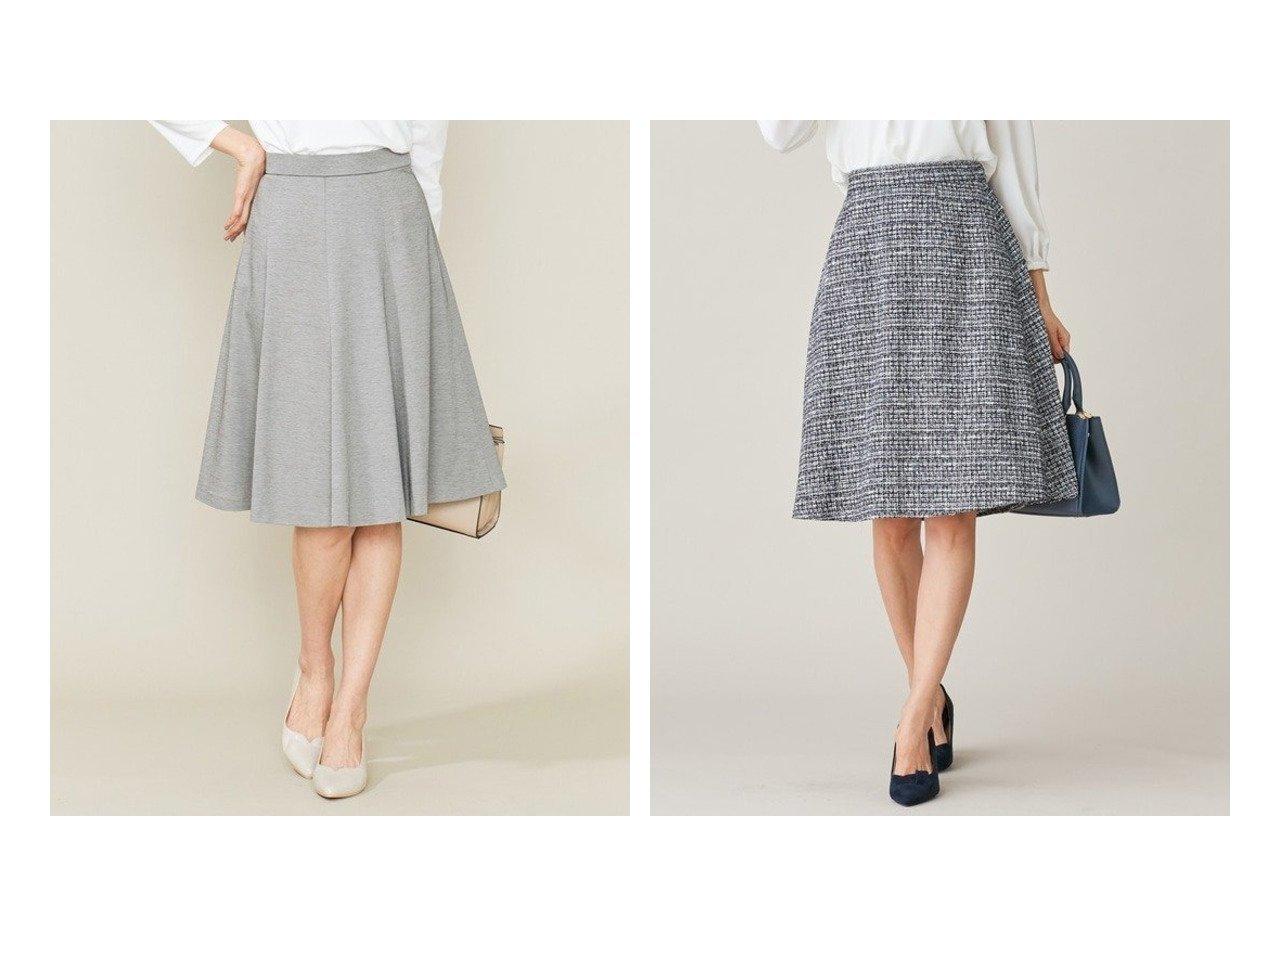 【KUMIKYOKU/組曲】の【セットアップ対応】ラメループモールツイード スカート&【洗える】ファンクショナルモクロディフレアスカート スカートのおすすめ!人気、トレンド・レディースファッションの通販 おすすめで人気の流行・トレンド、ファッションの通販商品 メンズファッション・キッズファッション・インテリア・家具・レディースファッション・服の通販 founy(ファニー) https://founy.com/ ファッション Fashion レディースファッション WOMEN スカート Skirt Aライン/フレアスカート Flared A-Line Skirts セットアップ Setup スカート Skirt アンサンブル 洗える 今季 軽量 シルク ジャケット ジャージ ストレッチ セットアップ ドレープ 送料無料 Free Shipping カーディガン ツイード フォーマル フレア ベーシック ループ  ID:crp329100000010773